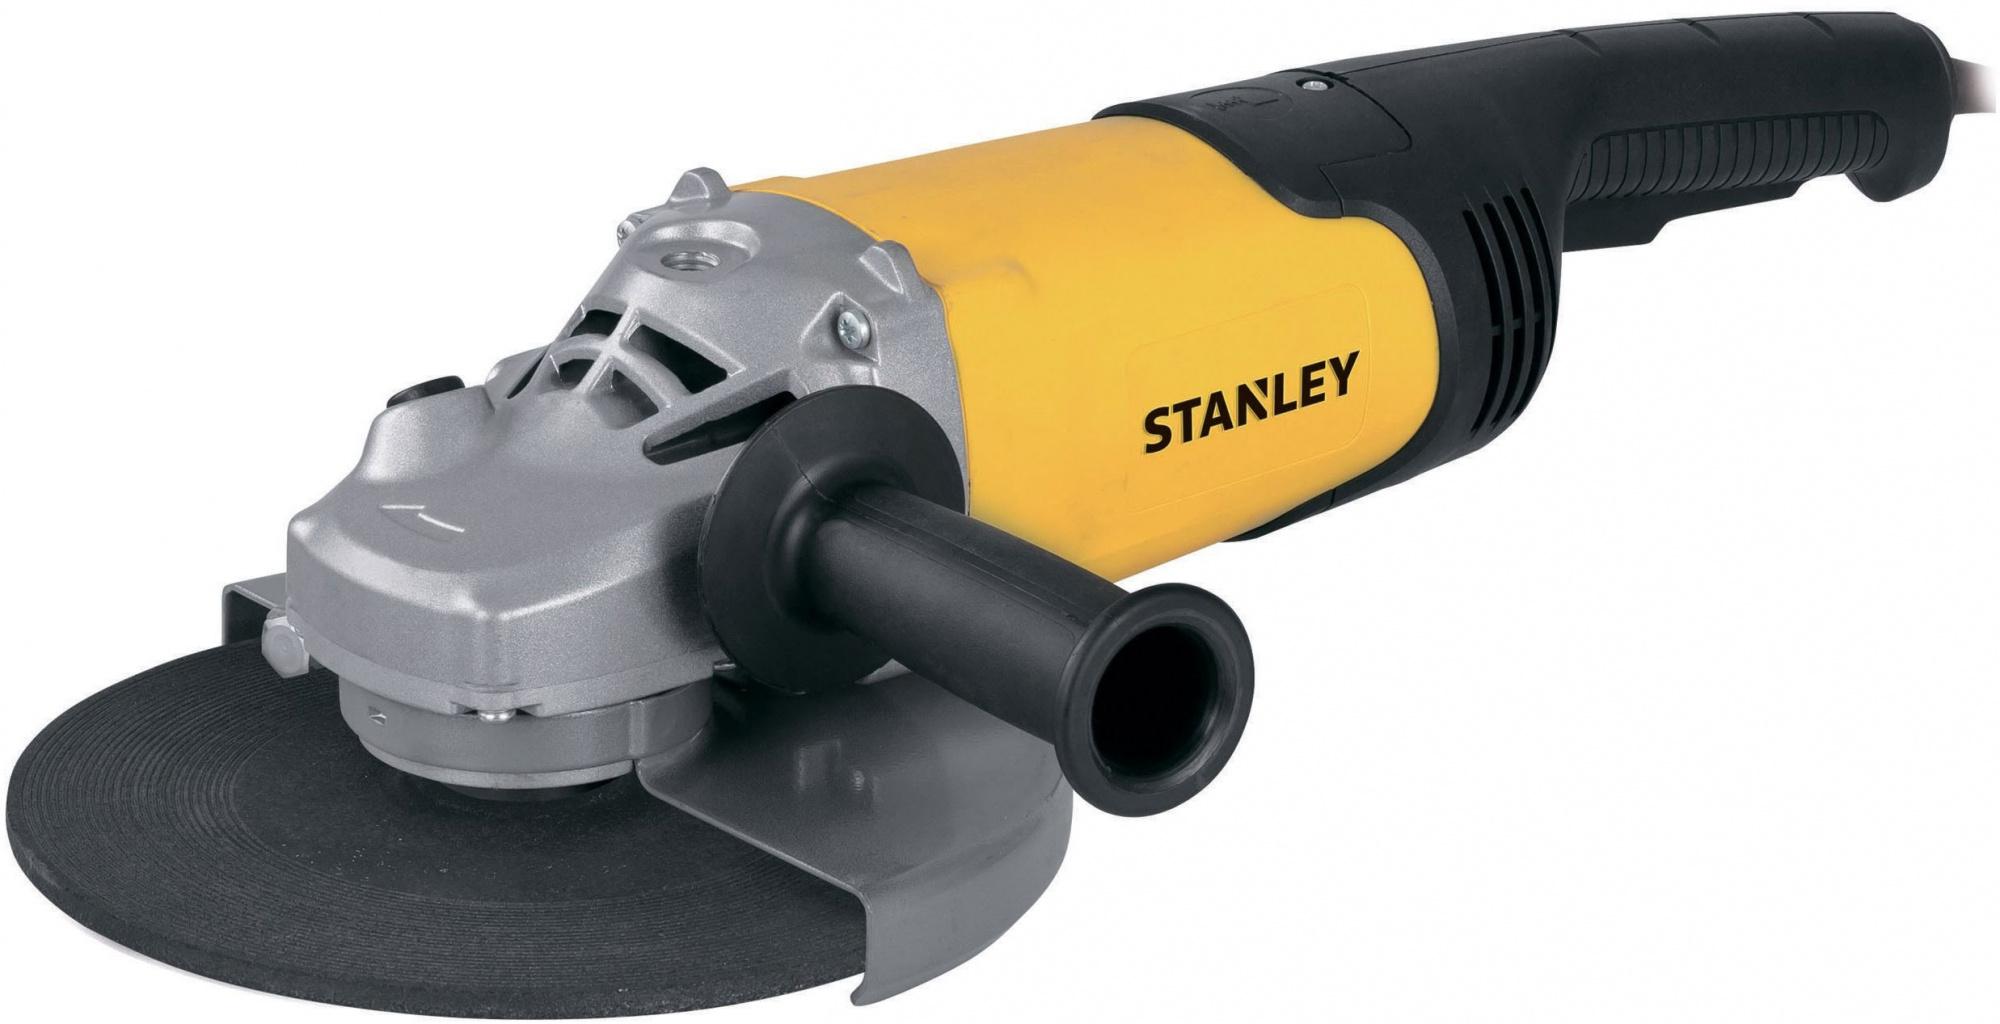 Stanley STGL2223-RU - угловая шлифмашина (Yellow)Угловые шлифовальные машинки (Болгарки)<br>Шлифмашина угловая<br>